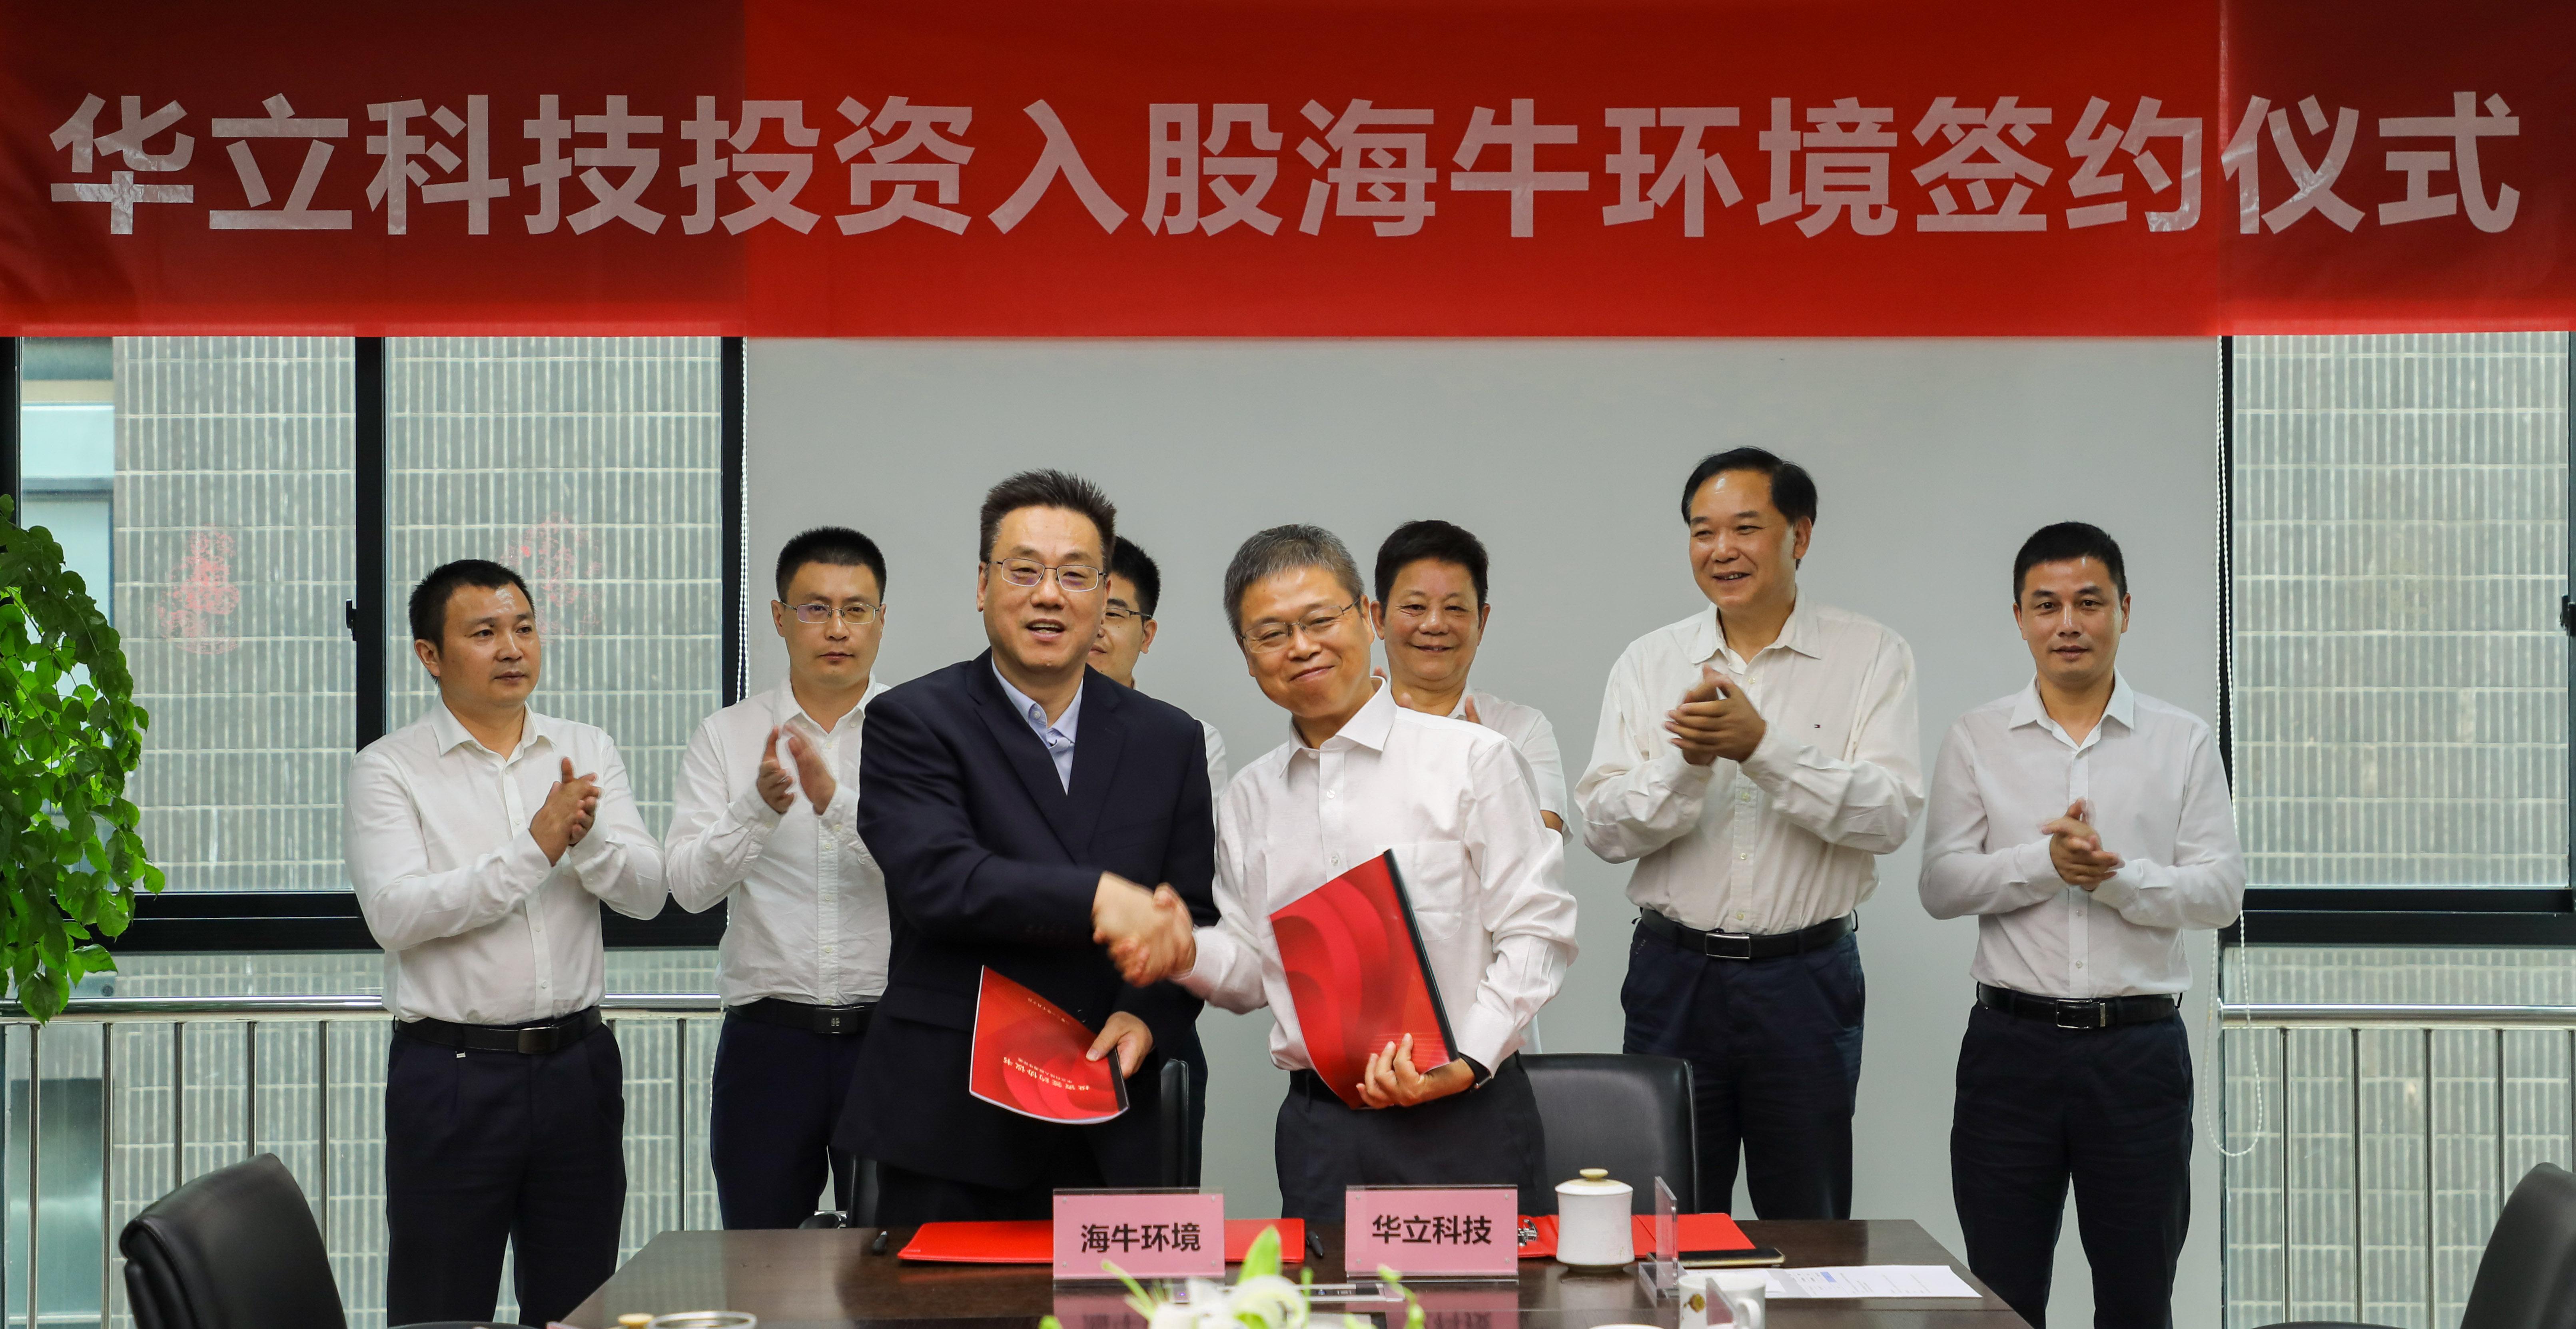 华立科技投资入股海牛环境签约仪式成功举办